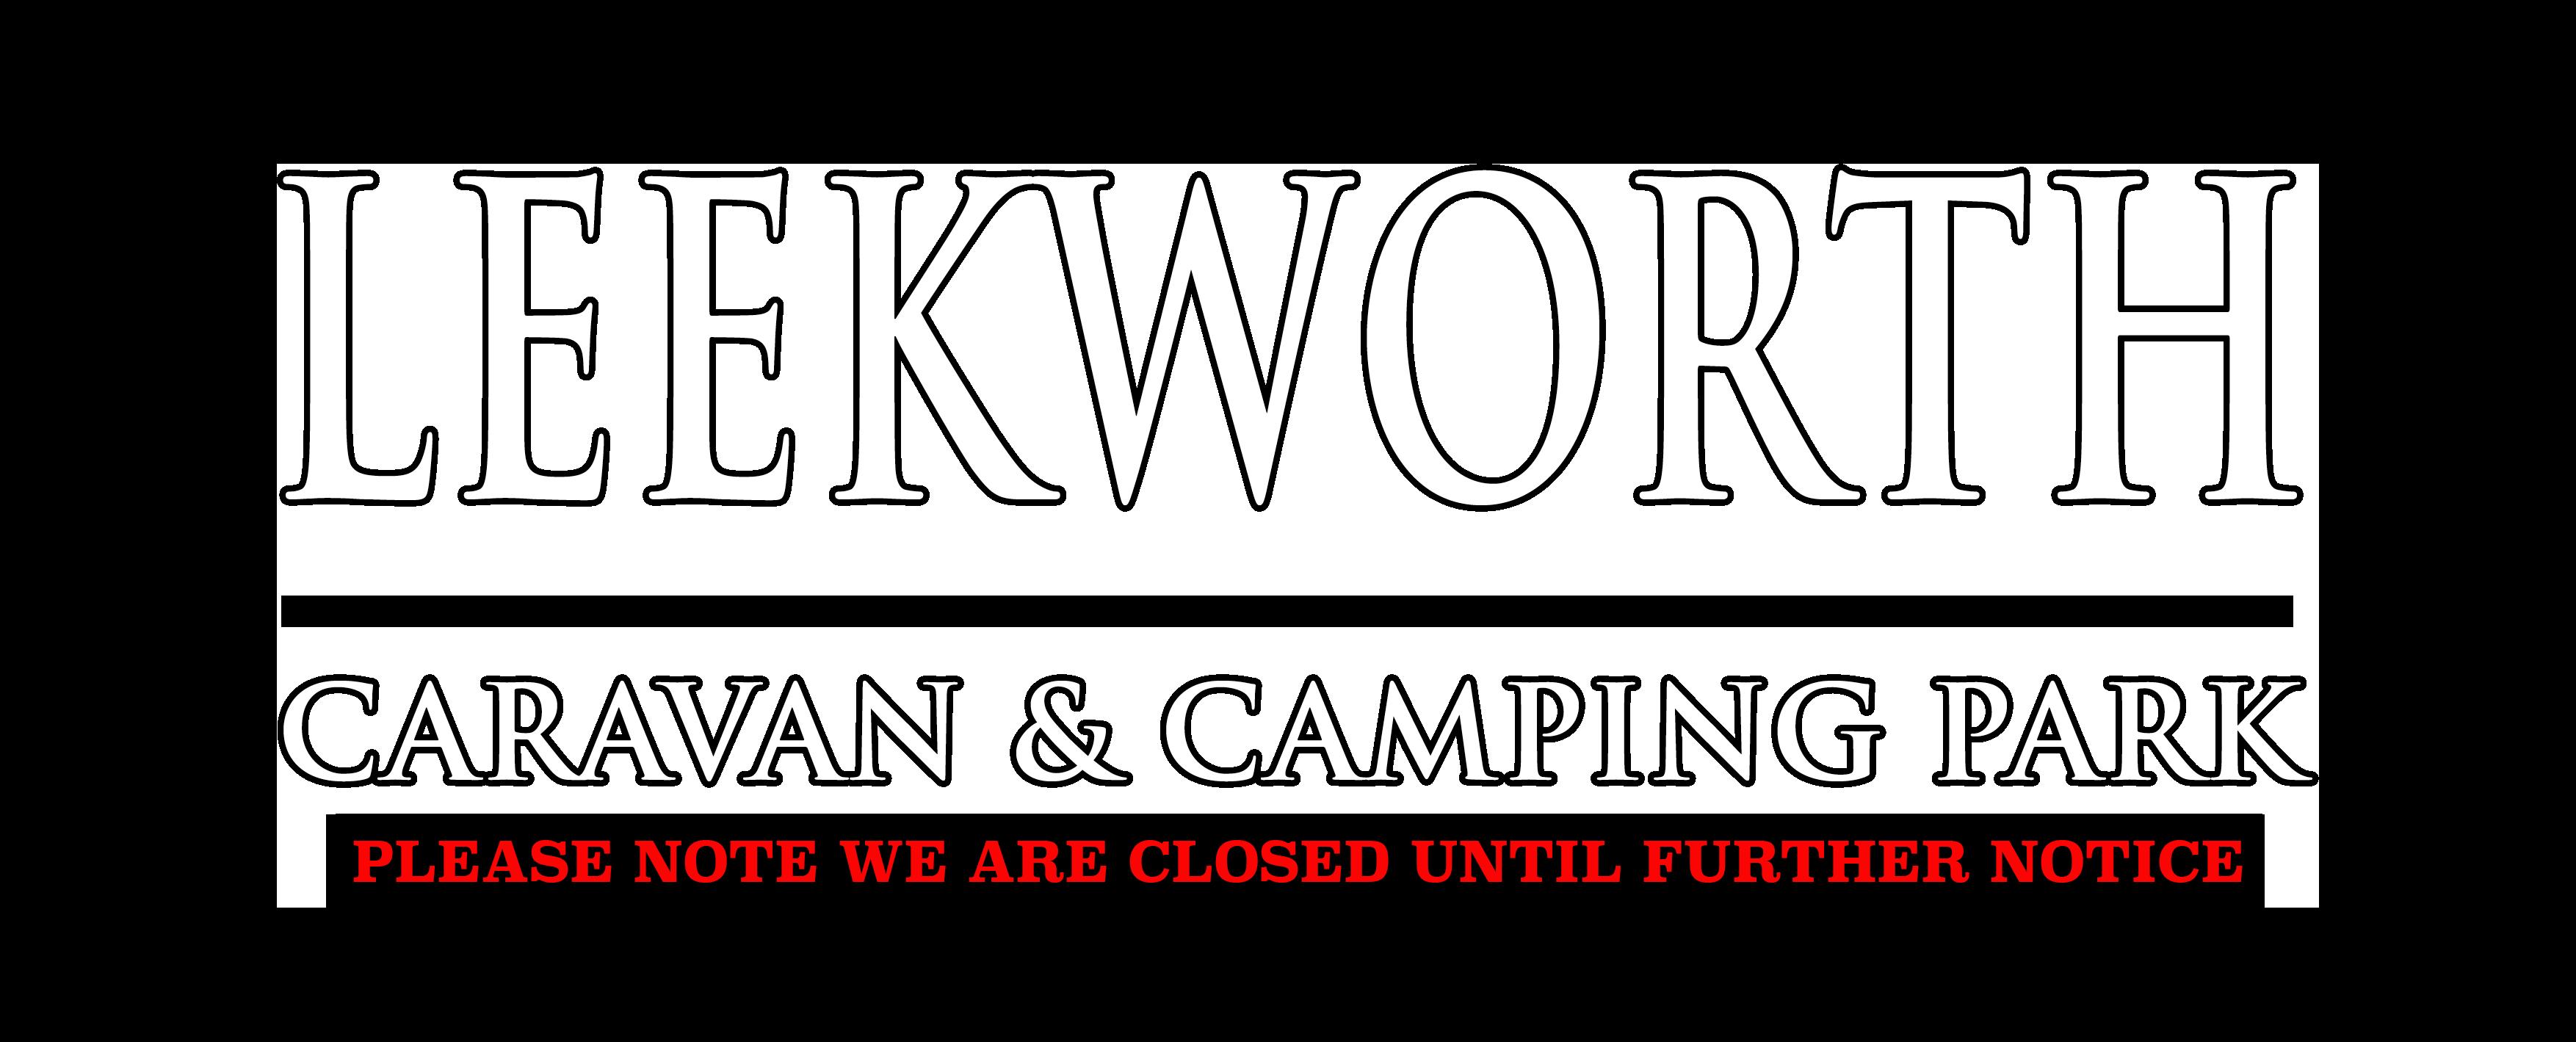 leekworth caravan and camping park | caravan park durham dales teesdale, camp site teesdale | caravan park barnard castle | camping site barnard castle